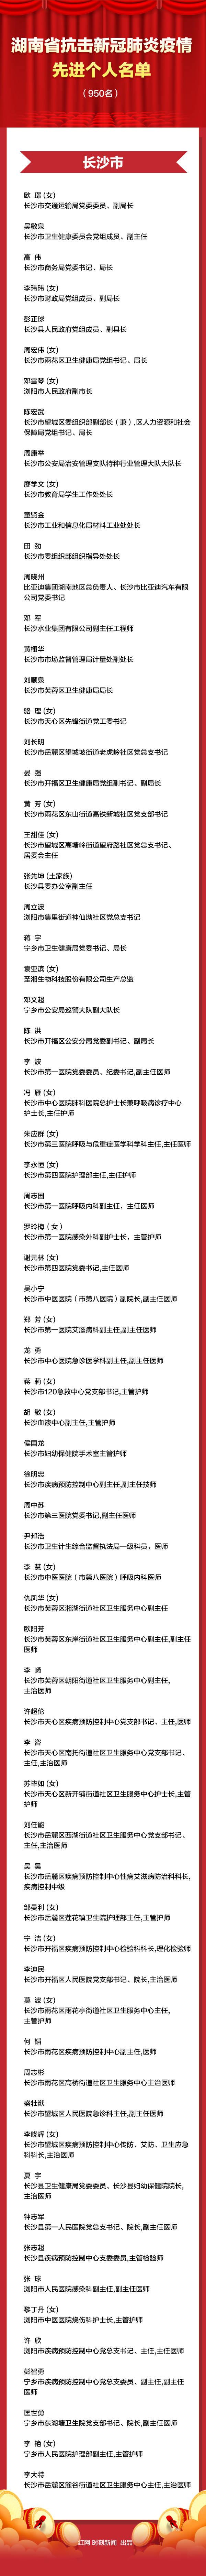 """英雄榜丨今天湖南这些人接受表彰!感谢""""疫""""无反顾的你们!"""